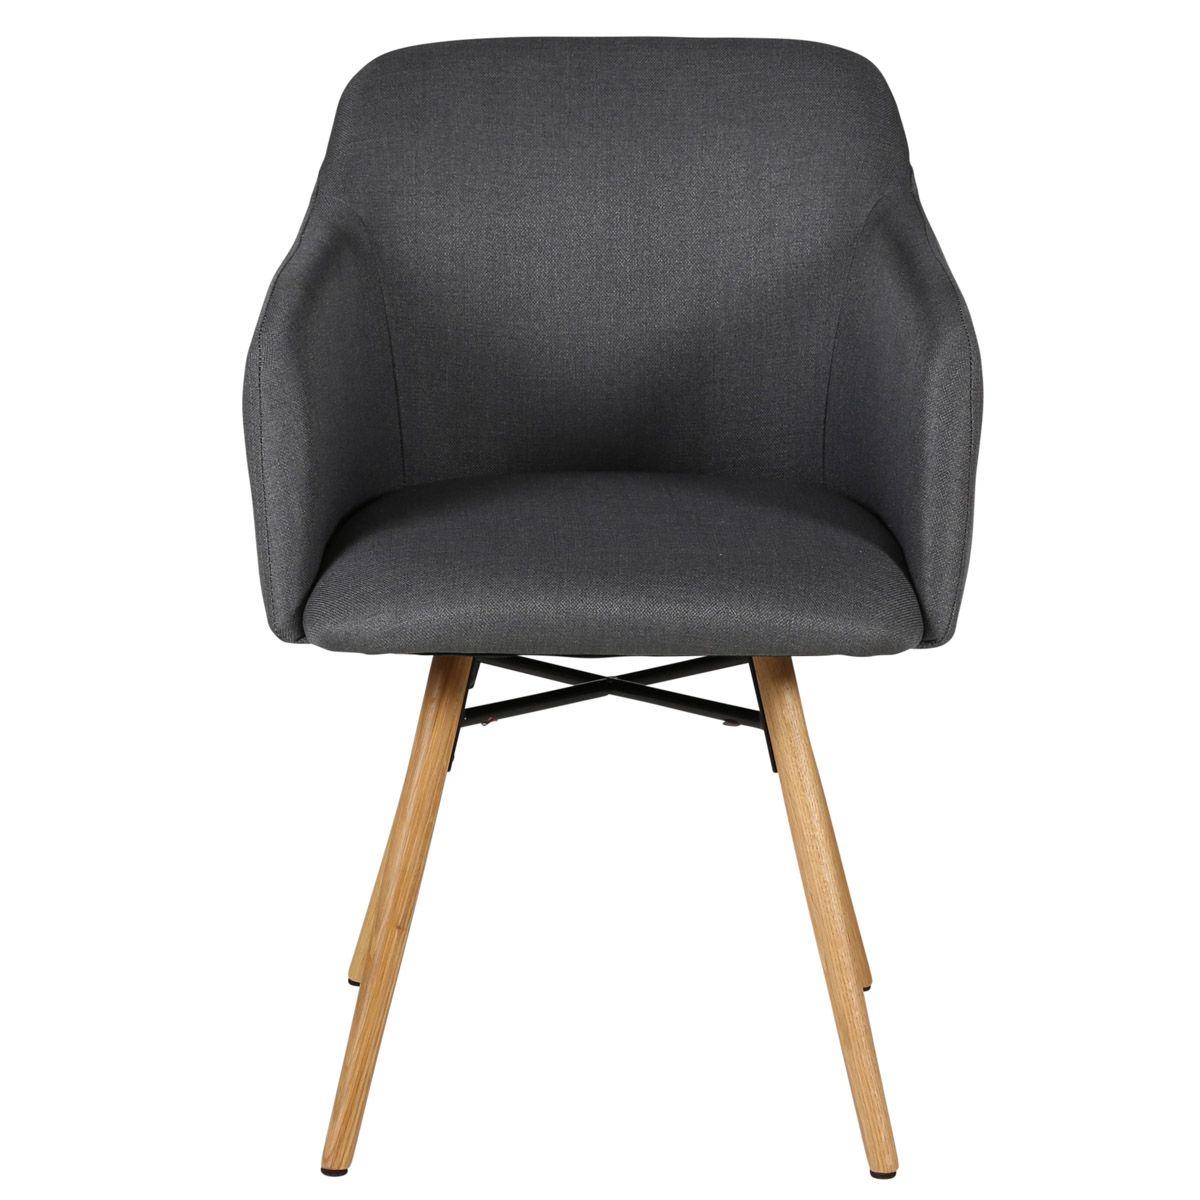 Chaise accoudoirs gris foncé en tissu pieds chêne naturel May